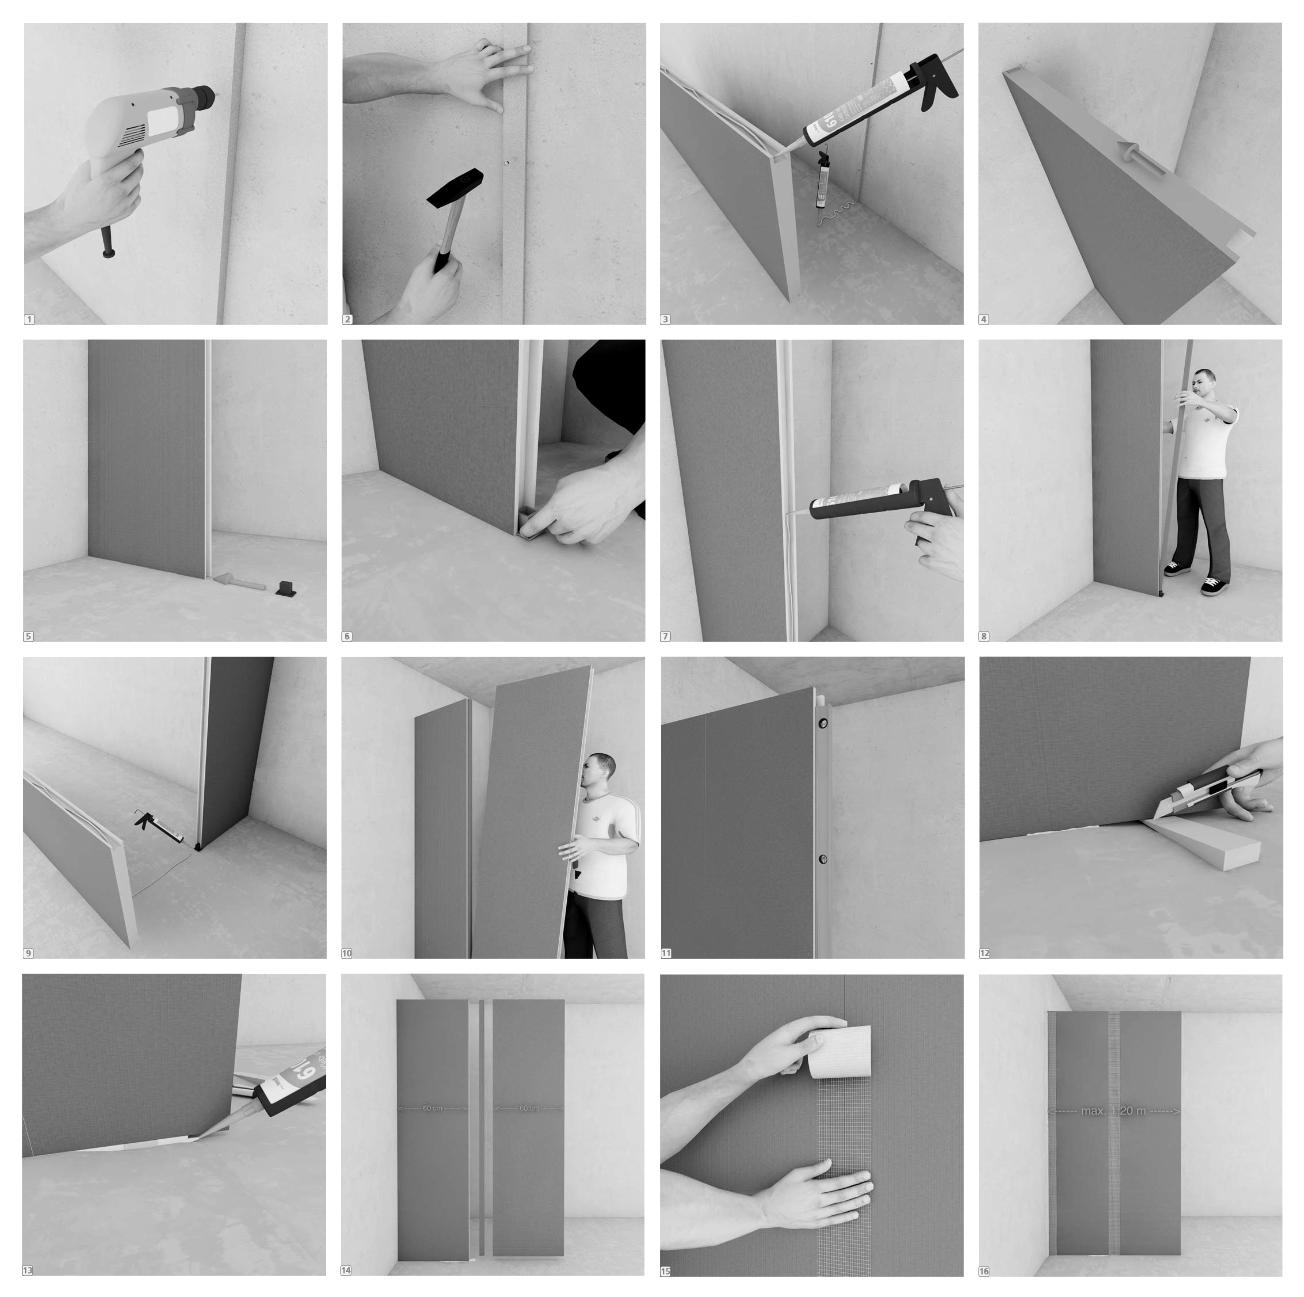 Instalación Panel de Construcción Wedi como tabique separador. Image © Catálogo de Materiales / Plataforma Arquitectura